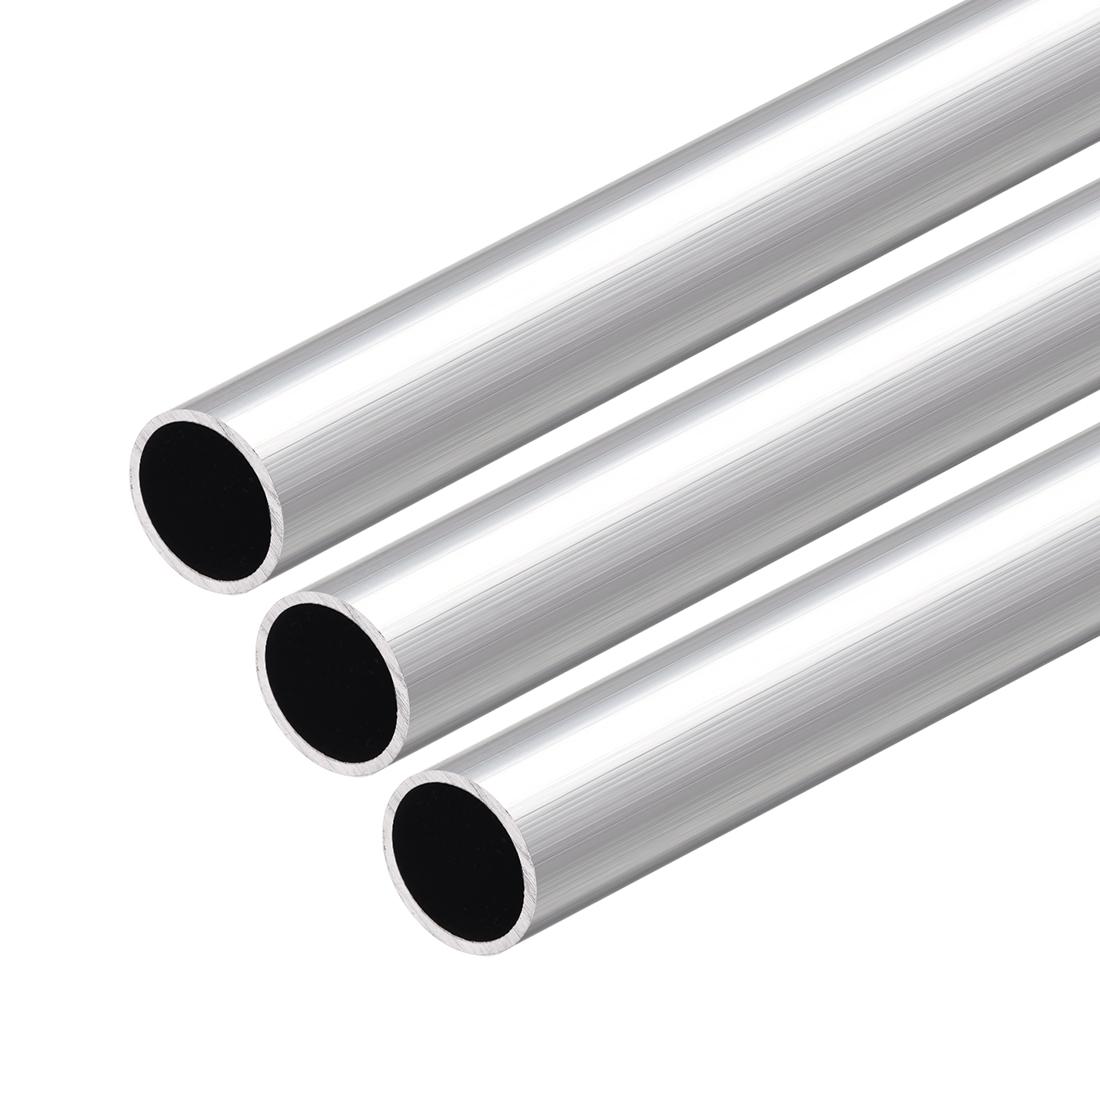 6063 Aluminum Round Tube 300mm Length 20mm OD 17mm Inner Dia Seamless Tube 3 Pcs